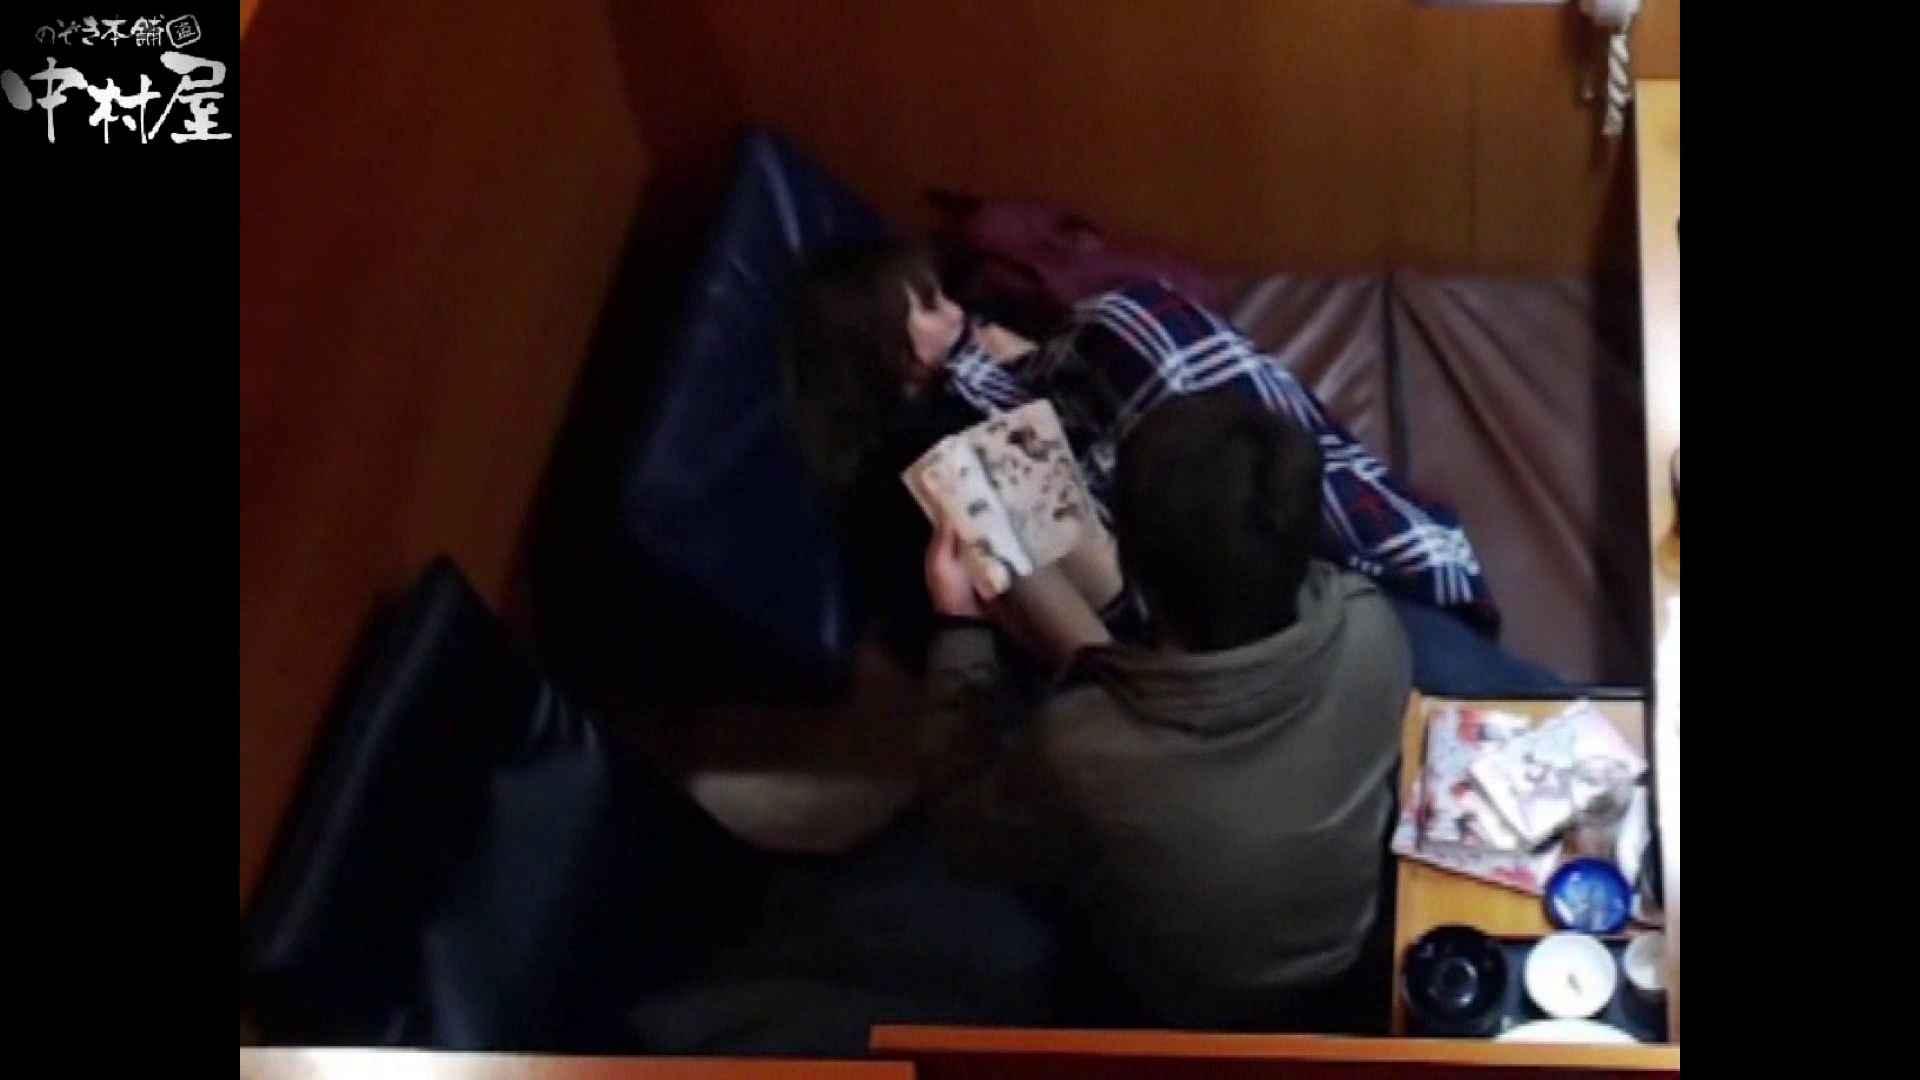 ネットカフェ盗撮師トロントさんの 素人カップル盗撮記vol.4 下半身 スケベ動画紹介 87pic 56